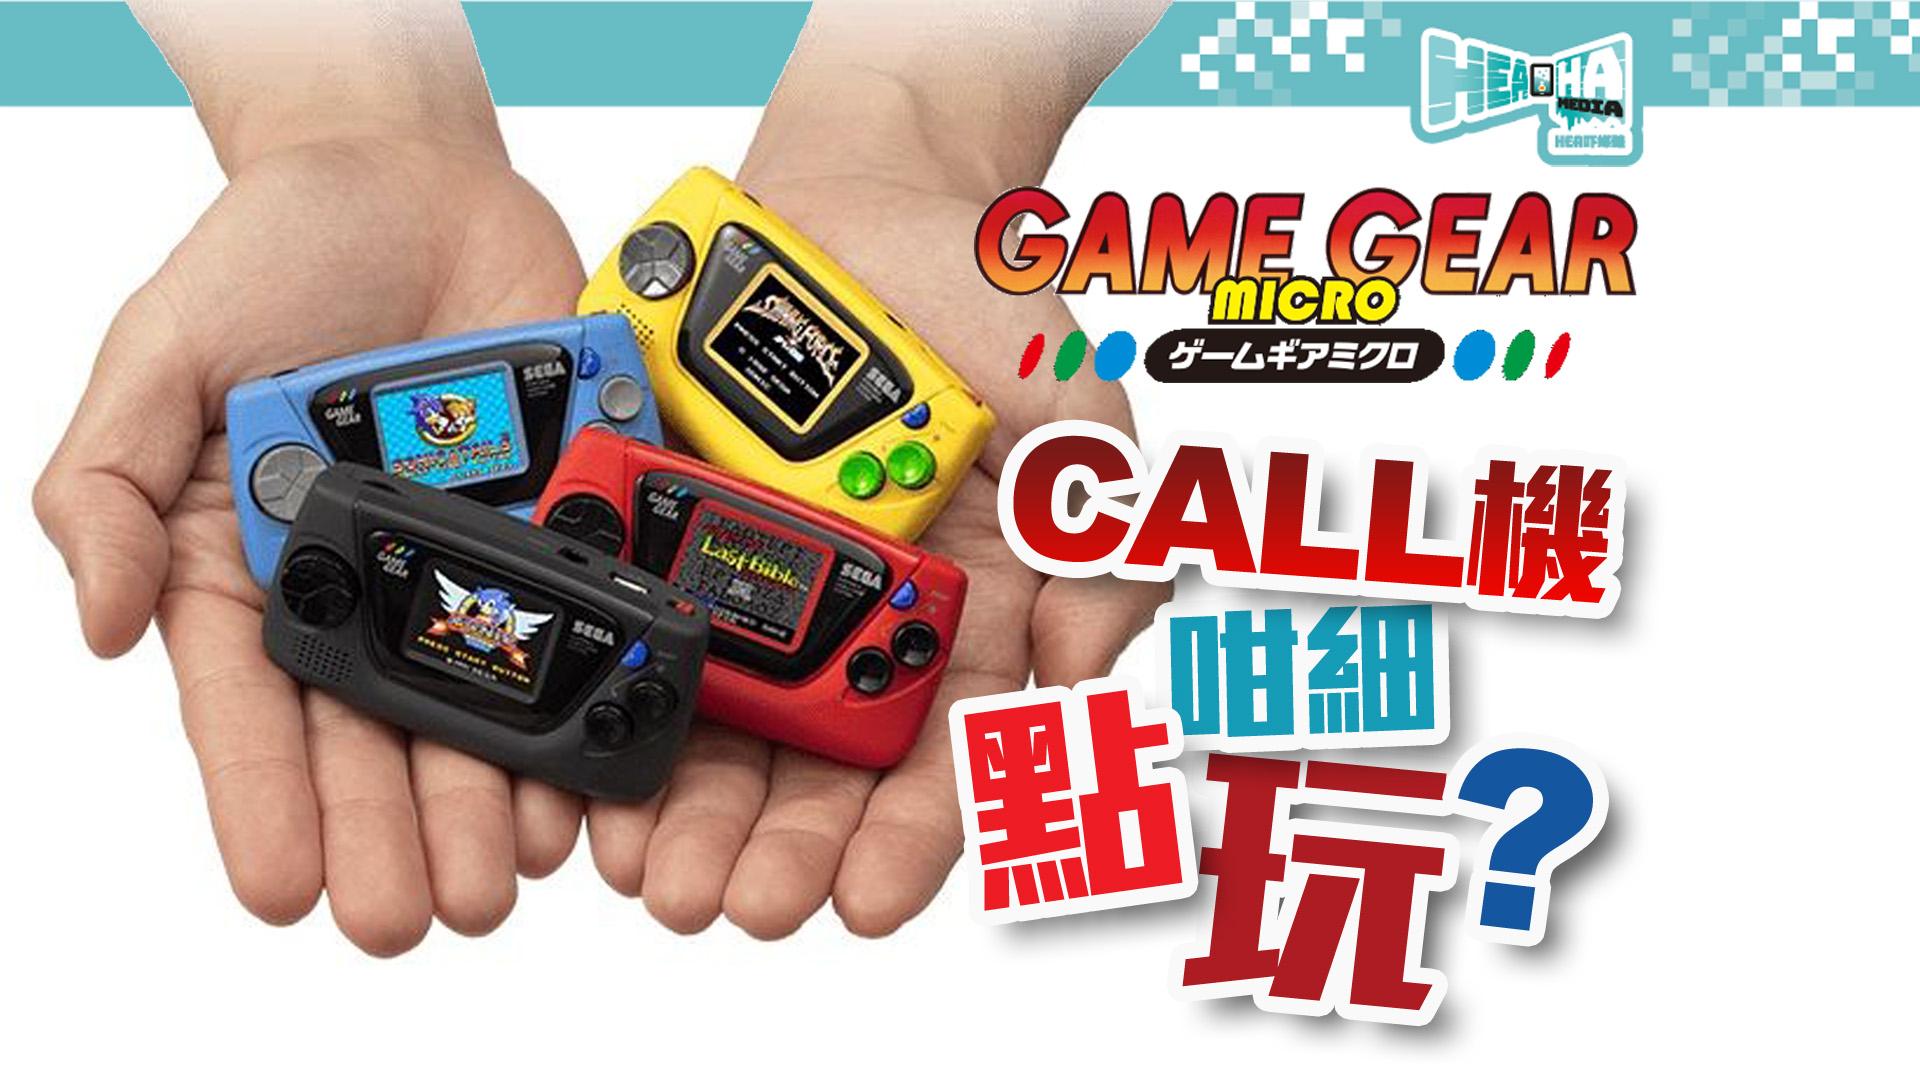 【敗家群組出動】SEGA發表懷舊系列「Game Gear Micro」  四色搭載不同經典遊戲